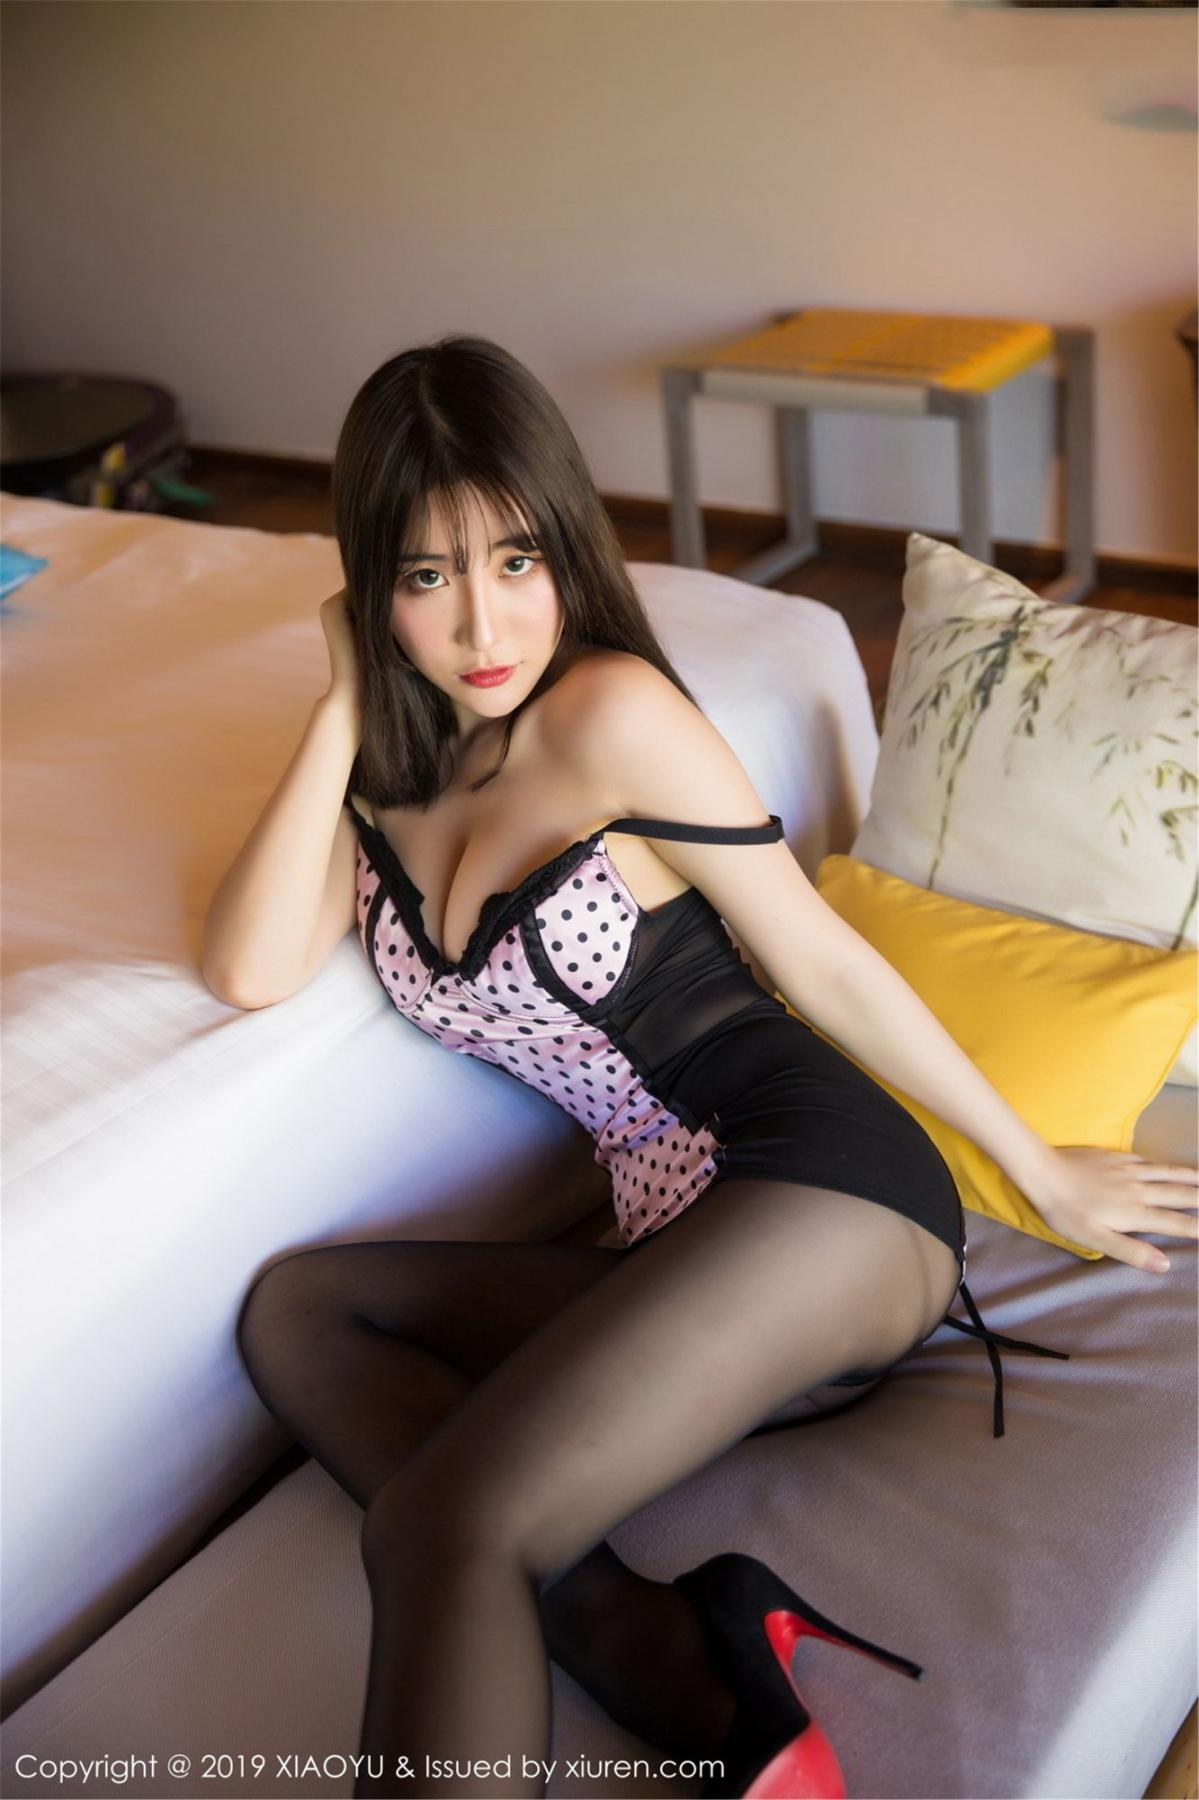 [XiaoYu] Vol.061 Ying Yue Fei 13P, Black Silk, Tall, Underwear, XiaoYu, Xie Zhi Xin